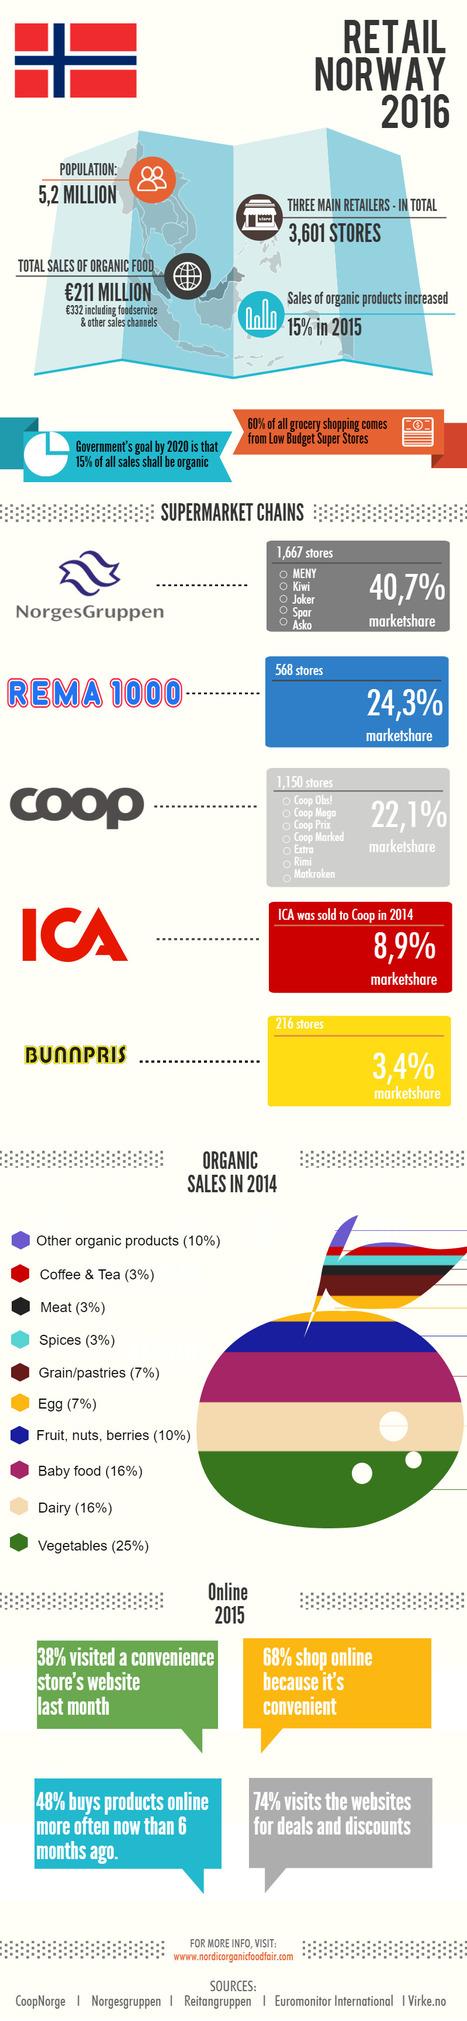 Norwegian Retail Sector 2016 | Nordic Organic News | Scoop.it